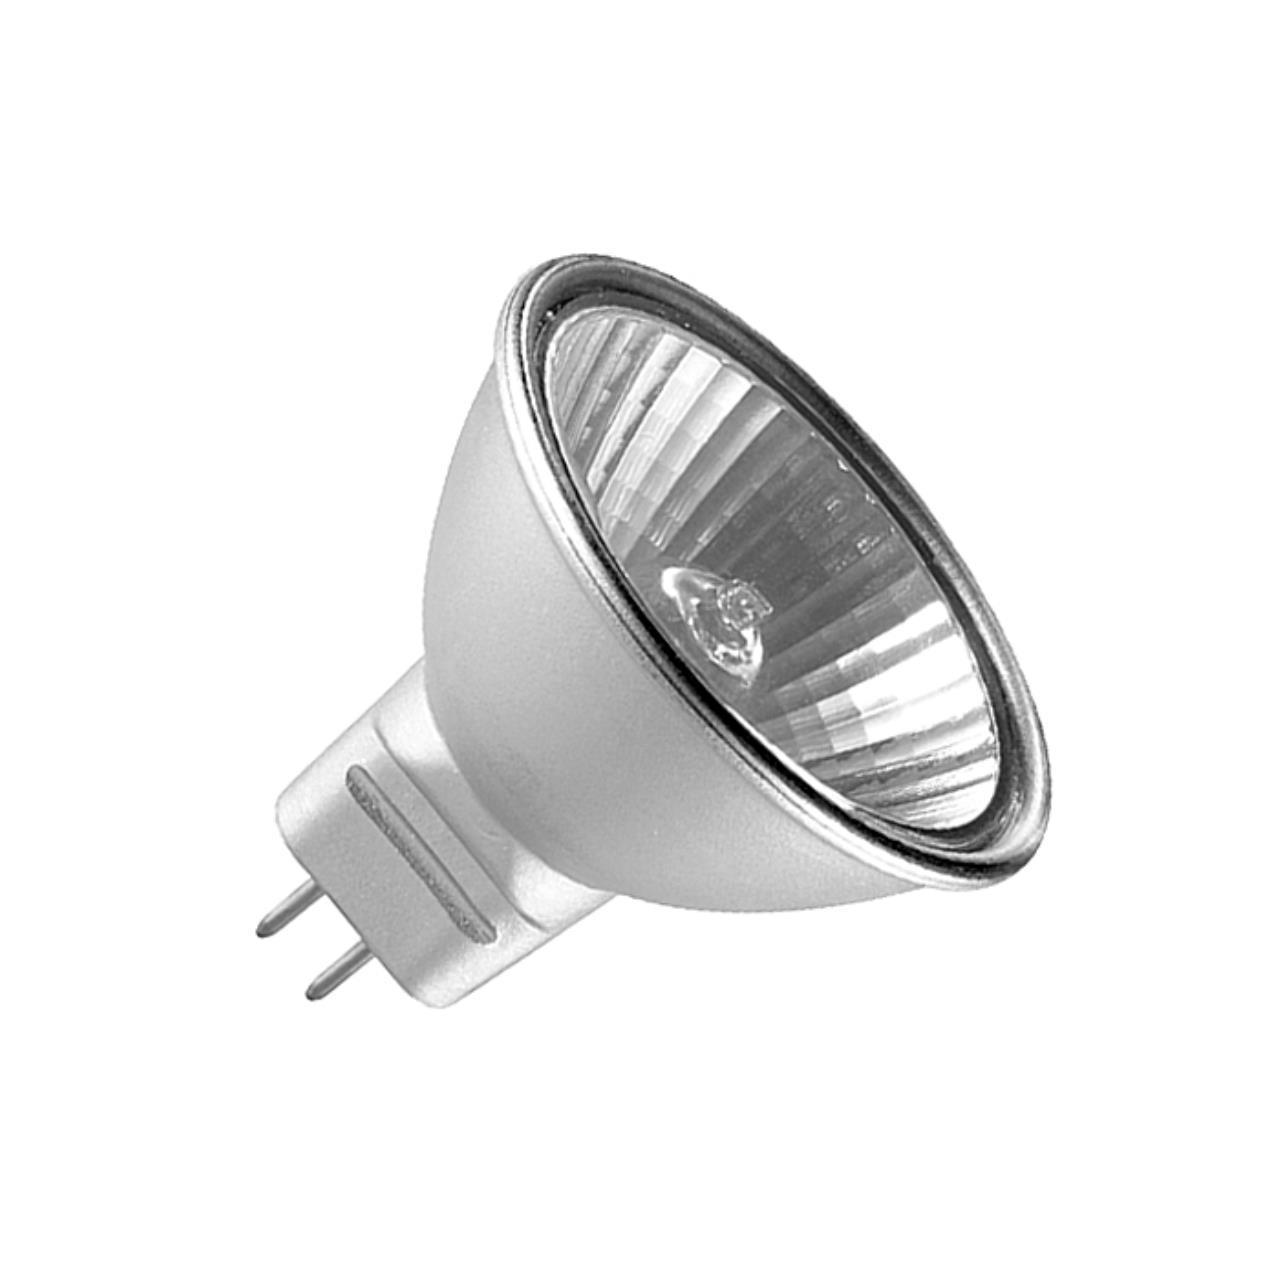 456030 NT12 016 прозрачная Лампа галогенная рефлекторная  GU5.3 35W 220V